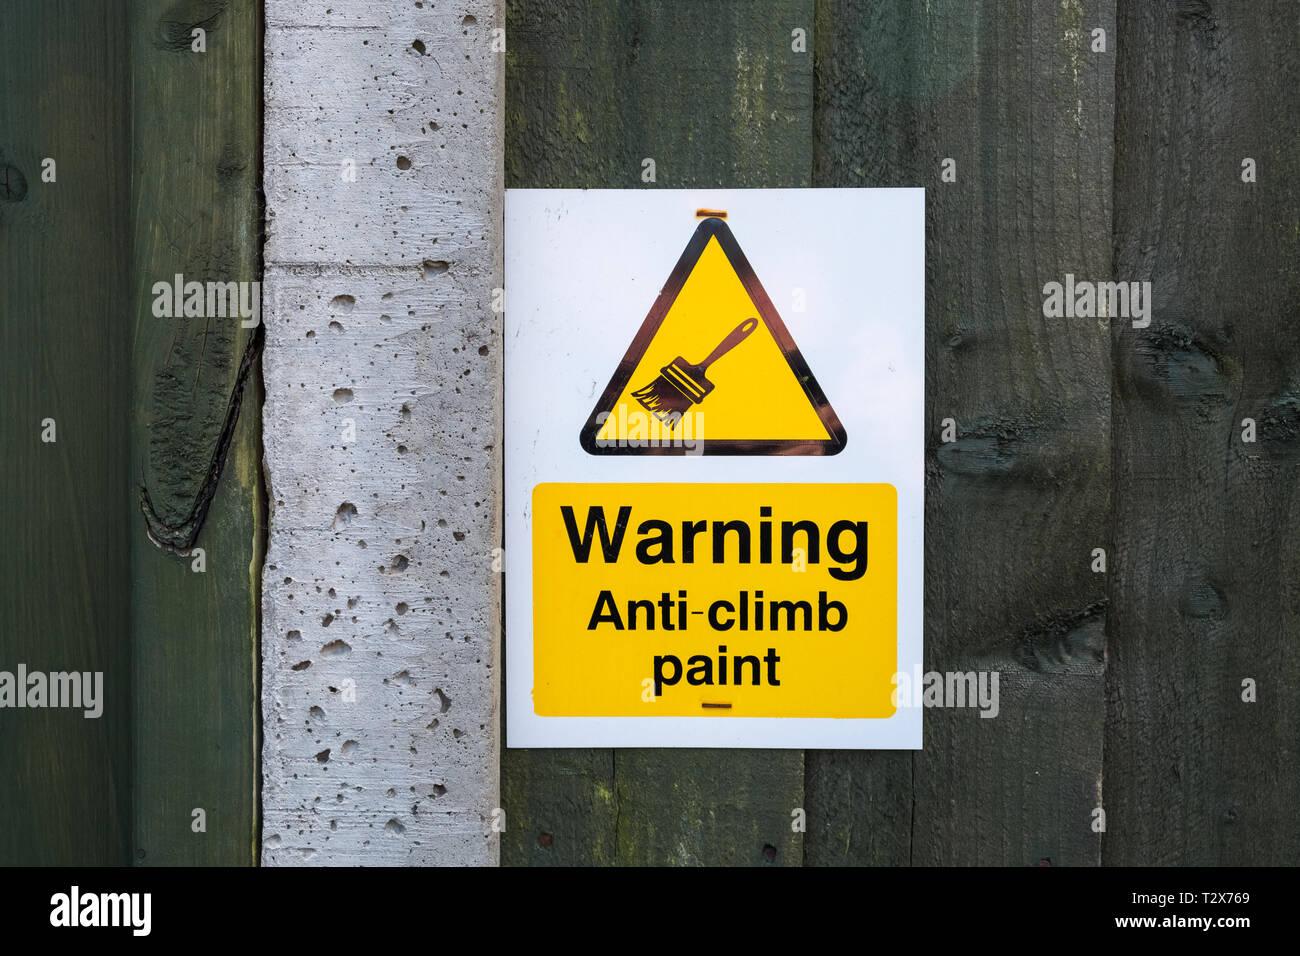 Anti Climb Stock Photos & Anti Climb Stock Images - Alamy